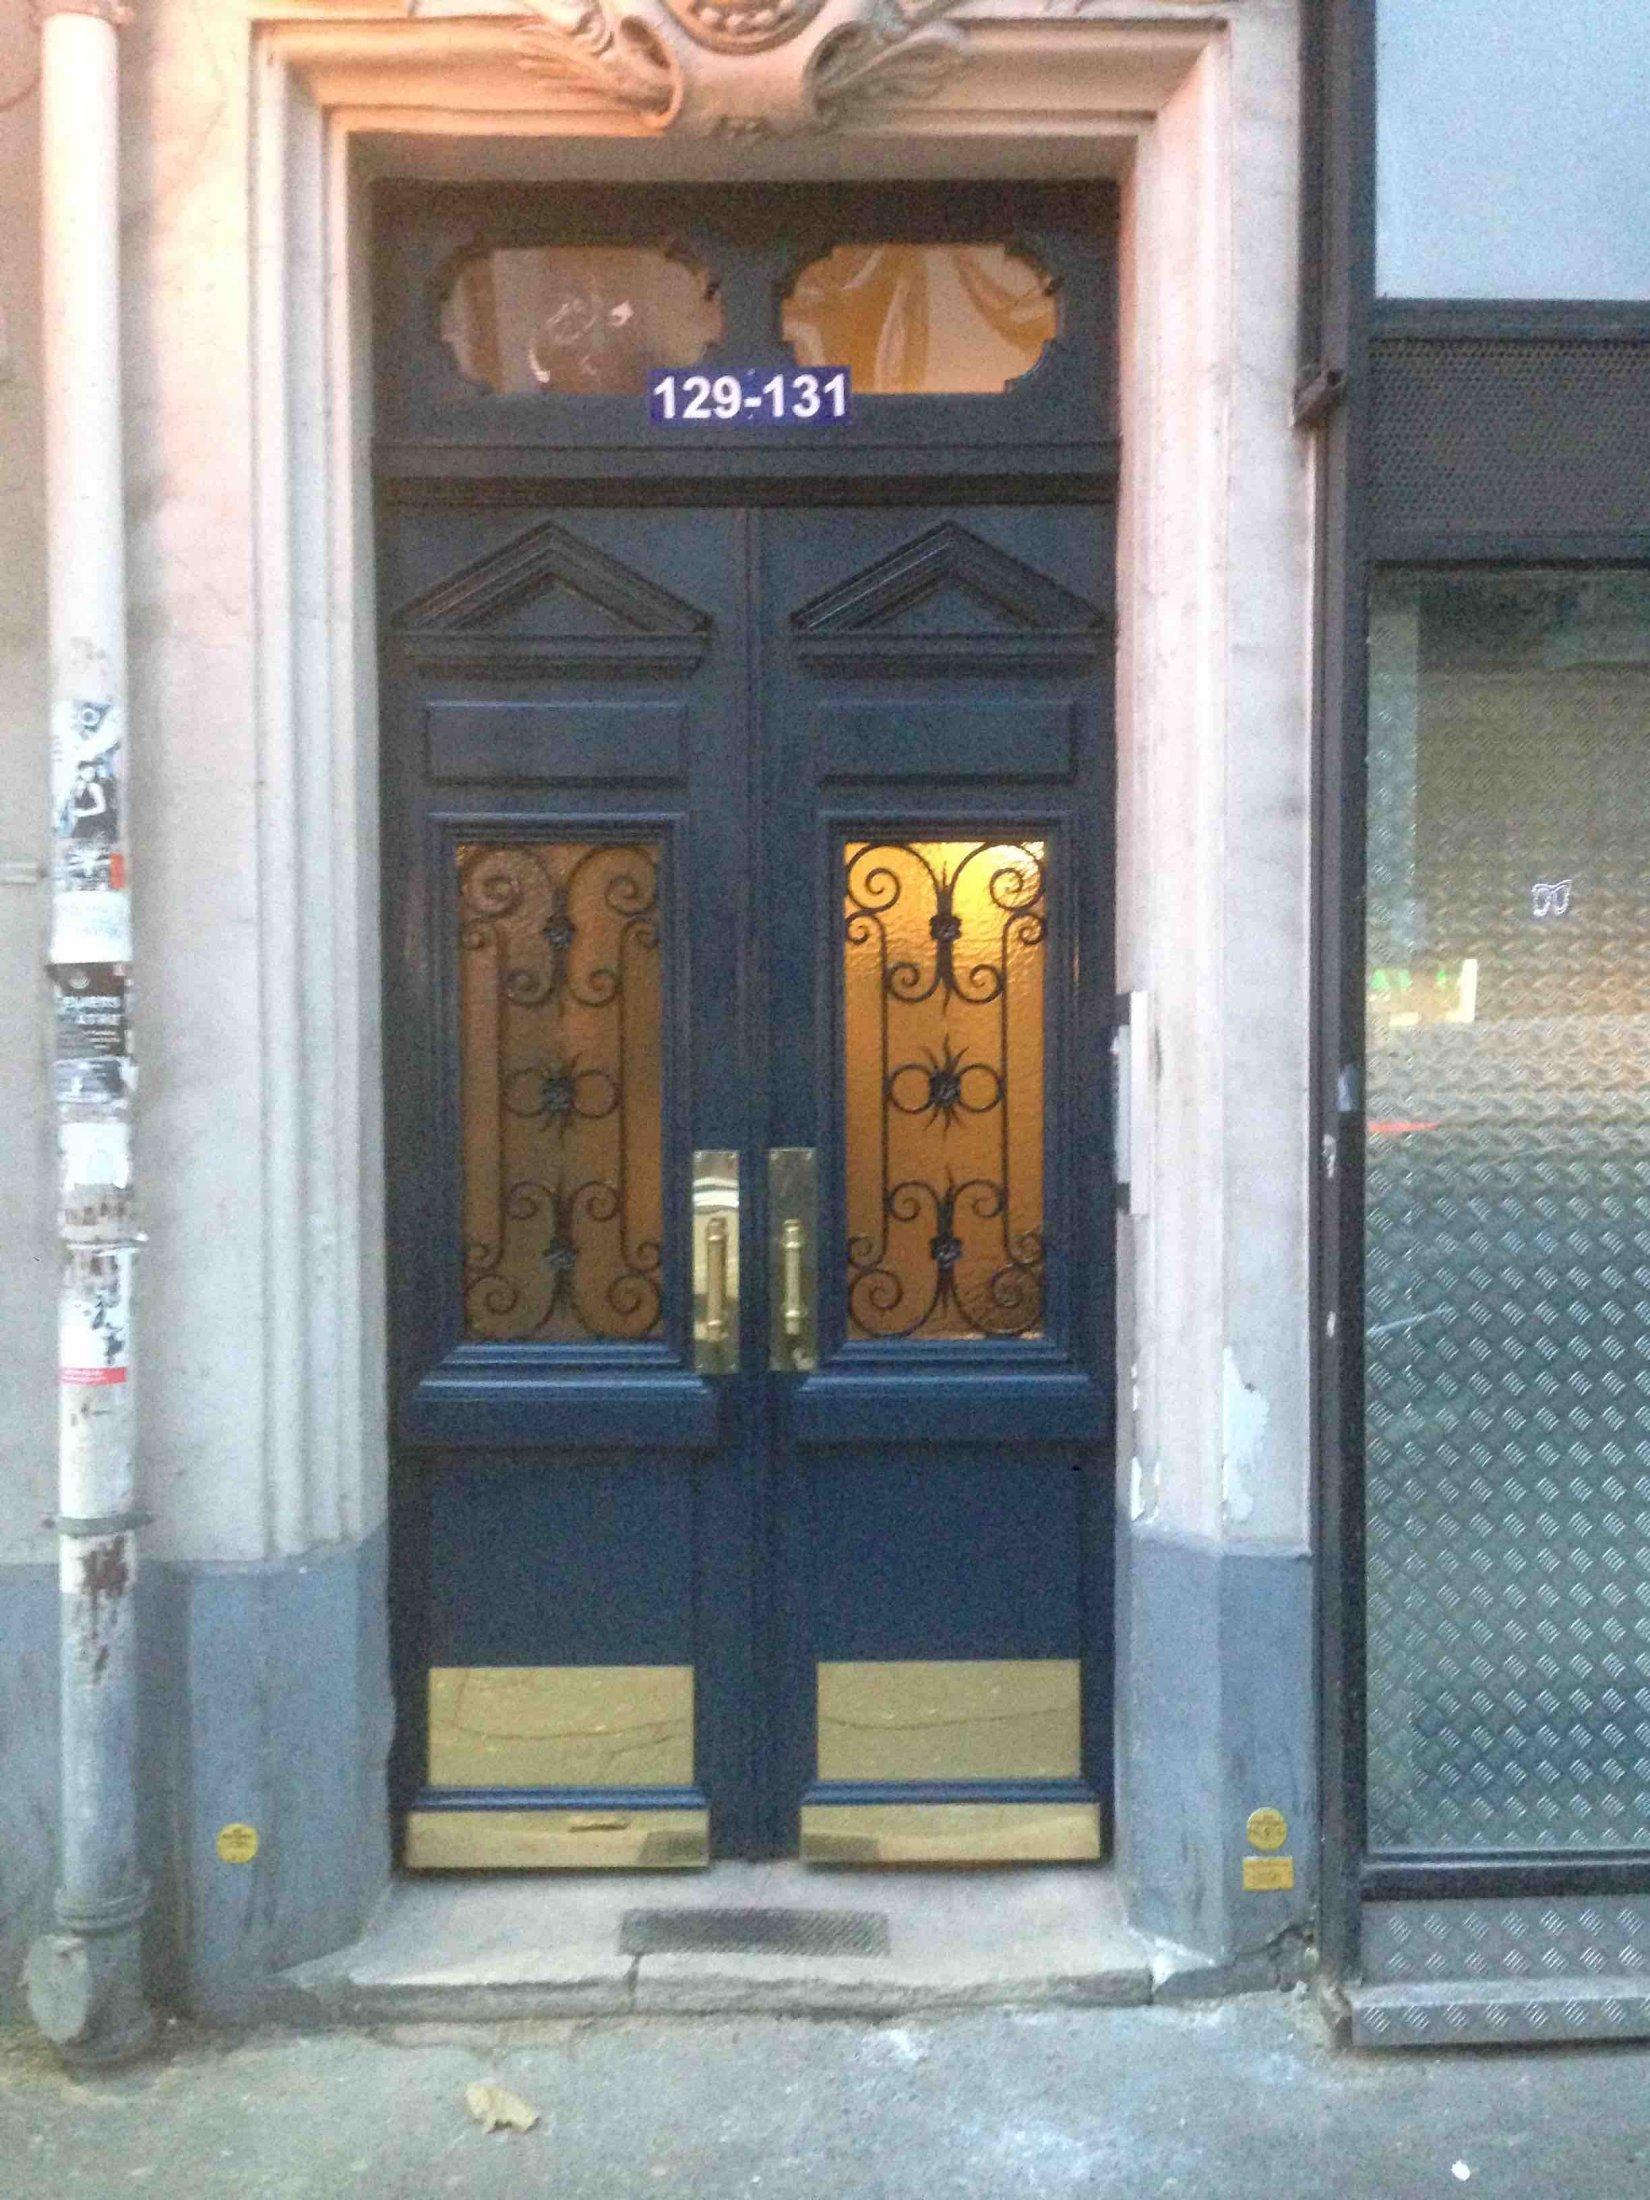 2016 12 porte rue 129 av de saint ouen paris 18 atelier de menuiserie - Porte de saint ouen paris ...